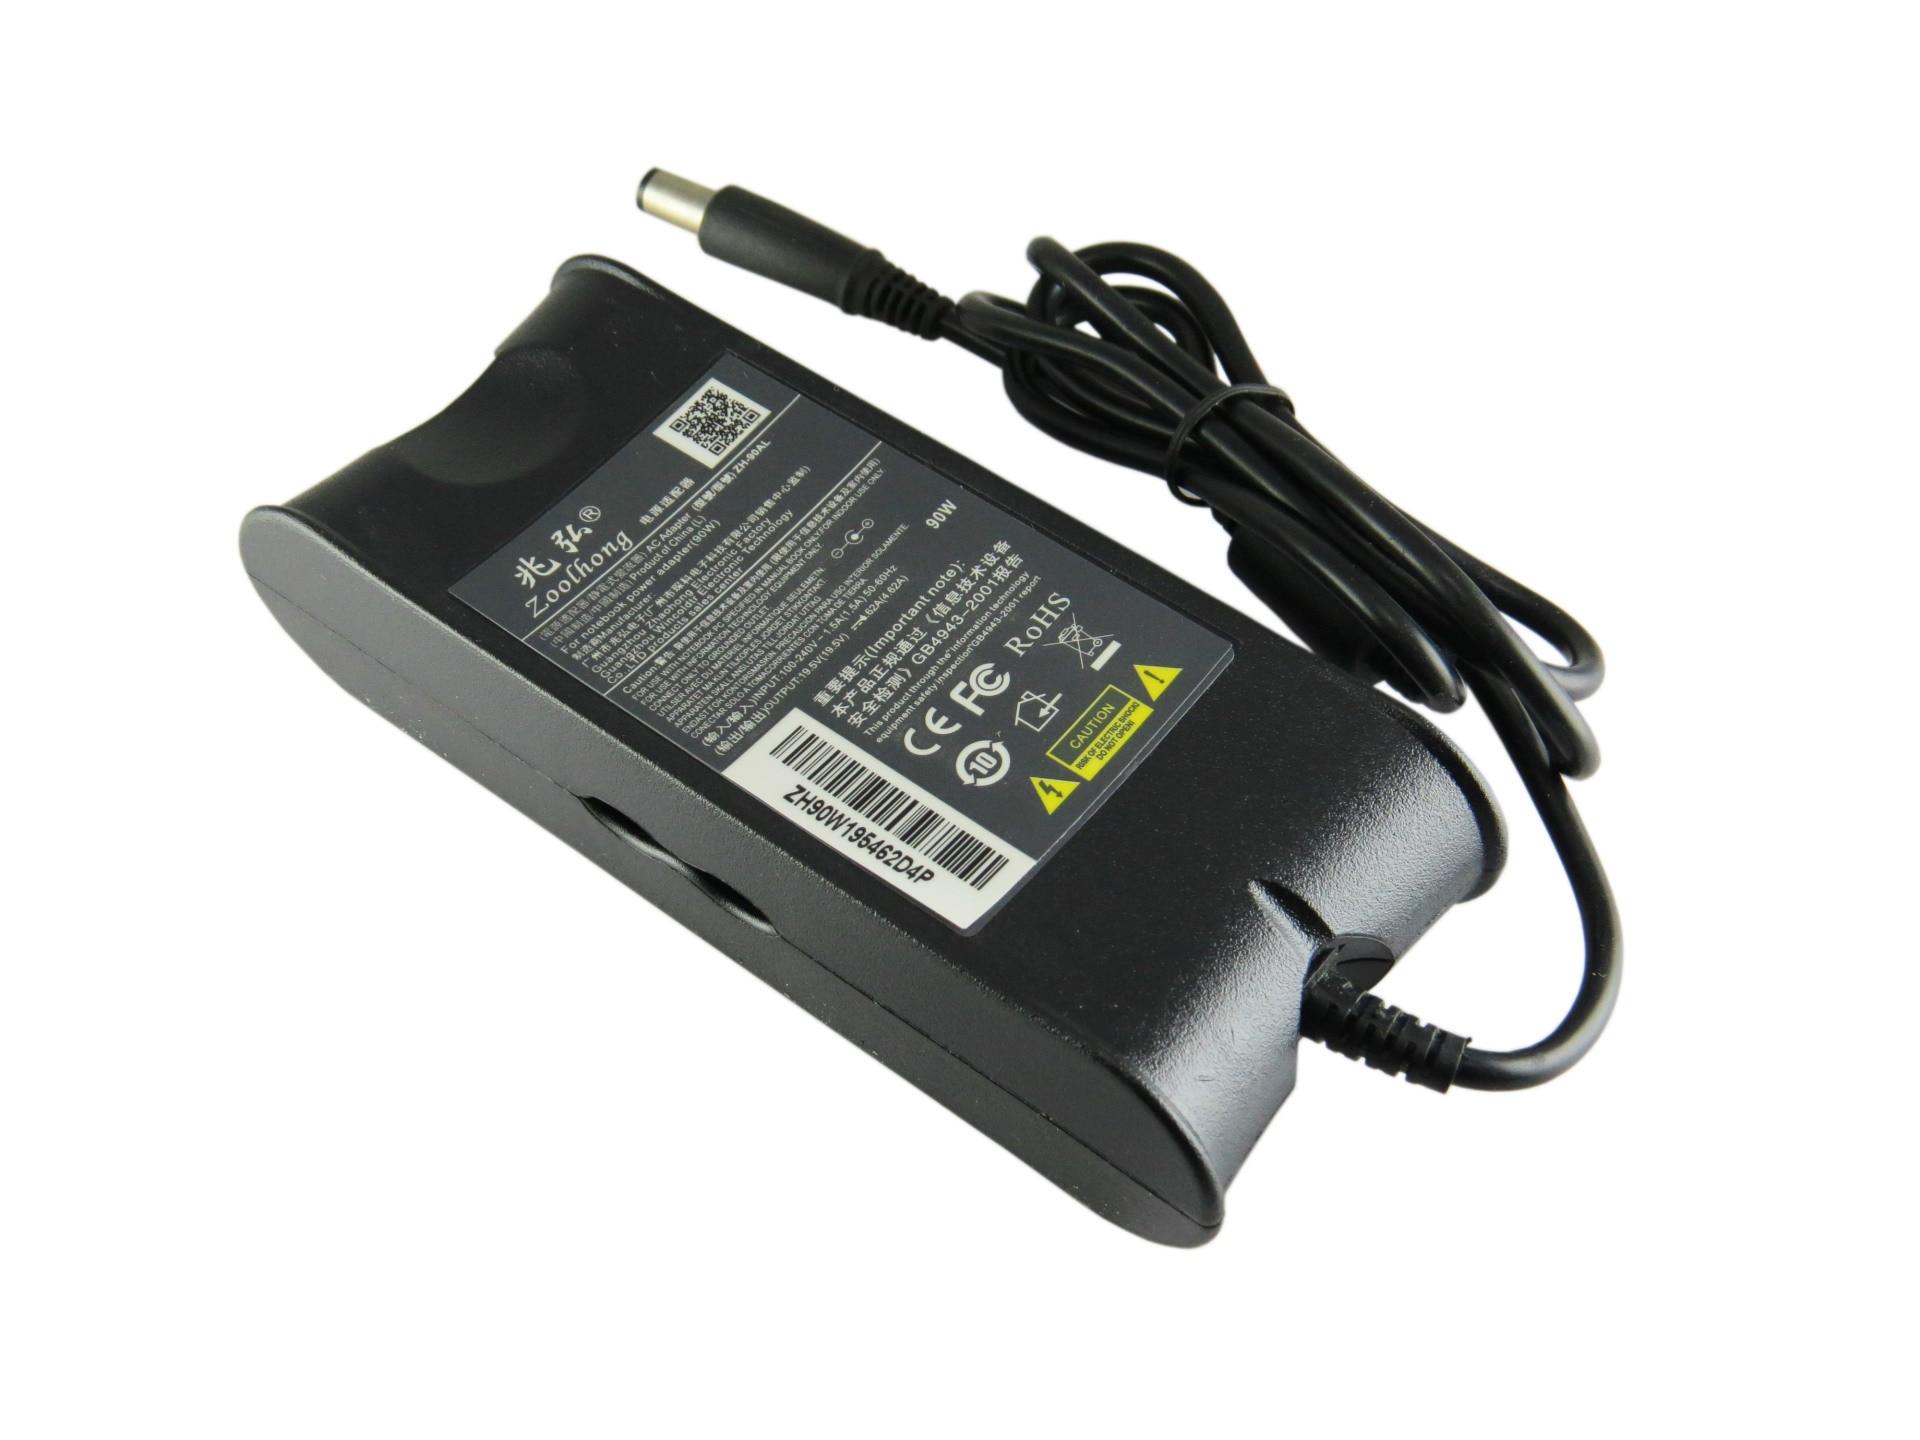 19.5 V 4.62A 90 W Ac Power Adapter Chargeur Pour Ordinateur Portable Dell Ad-90195D Pa-1900-01D3 Df266 M20 M60 M65 M70 7.4 Mm * 5.0 Mm